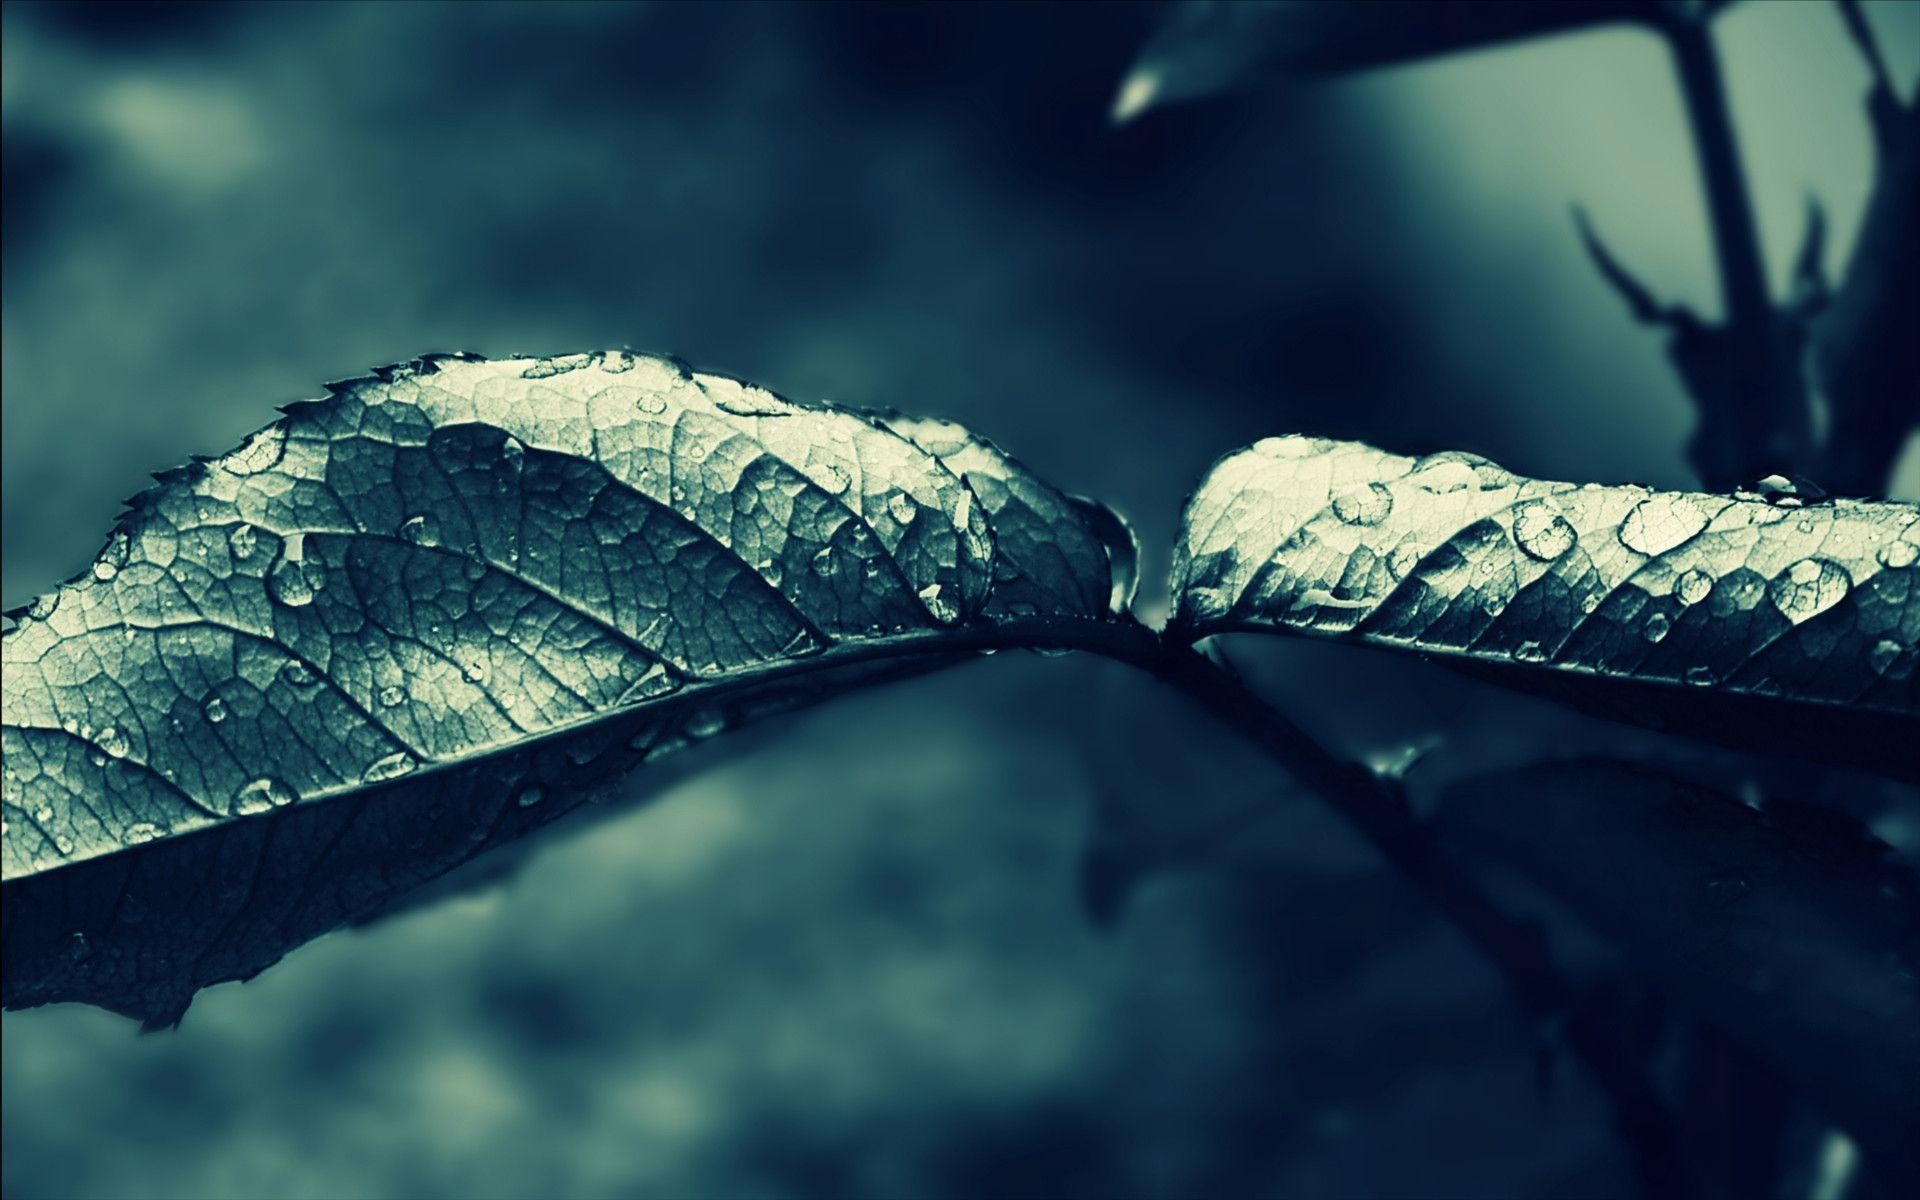 Dark Rain HD Wallpaper | Theme Bin - Customization, HD Wallpapers ...